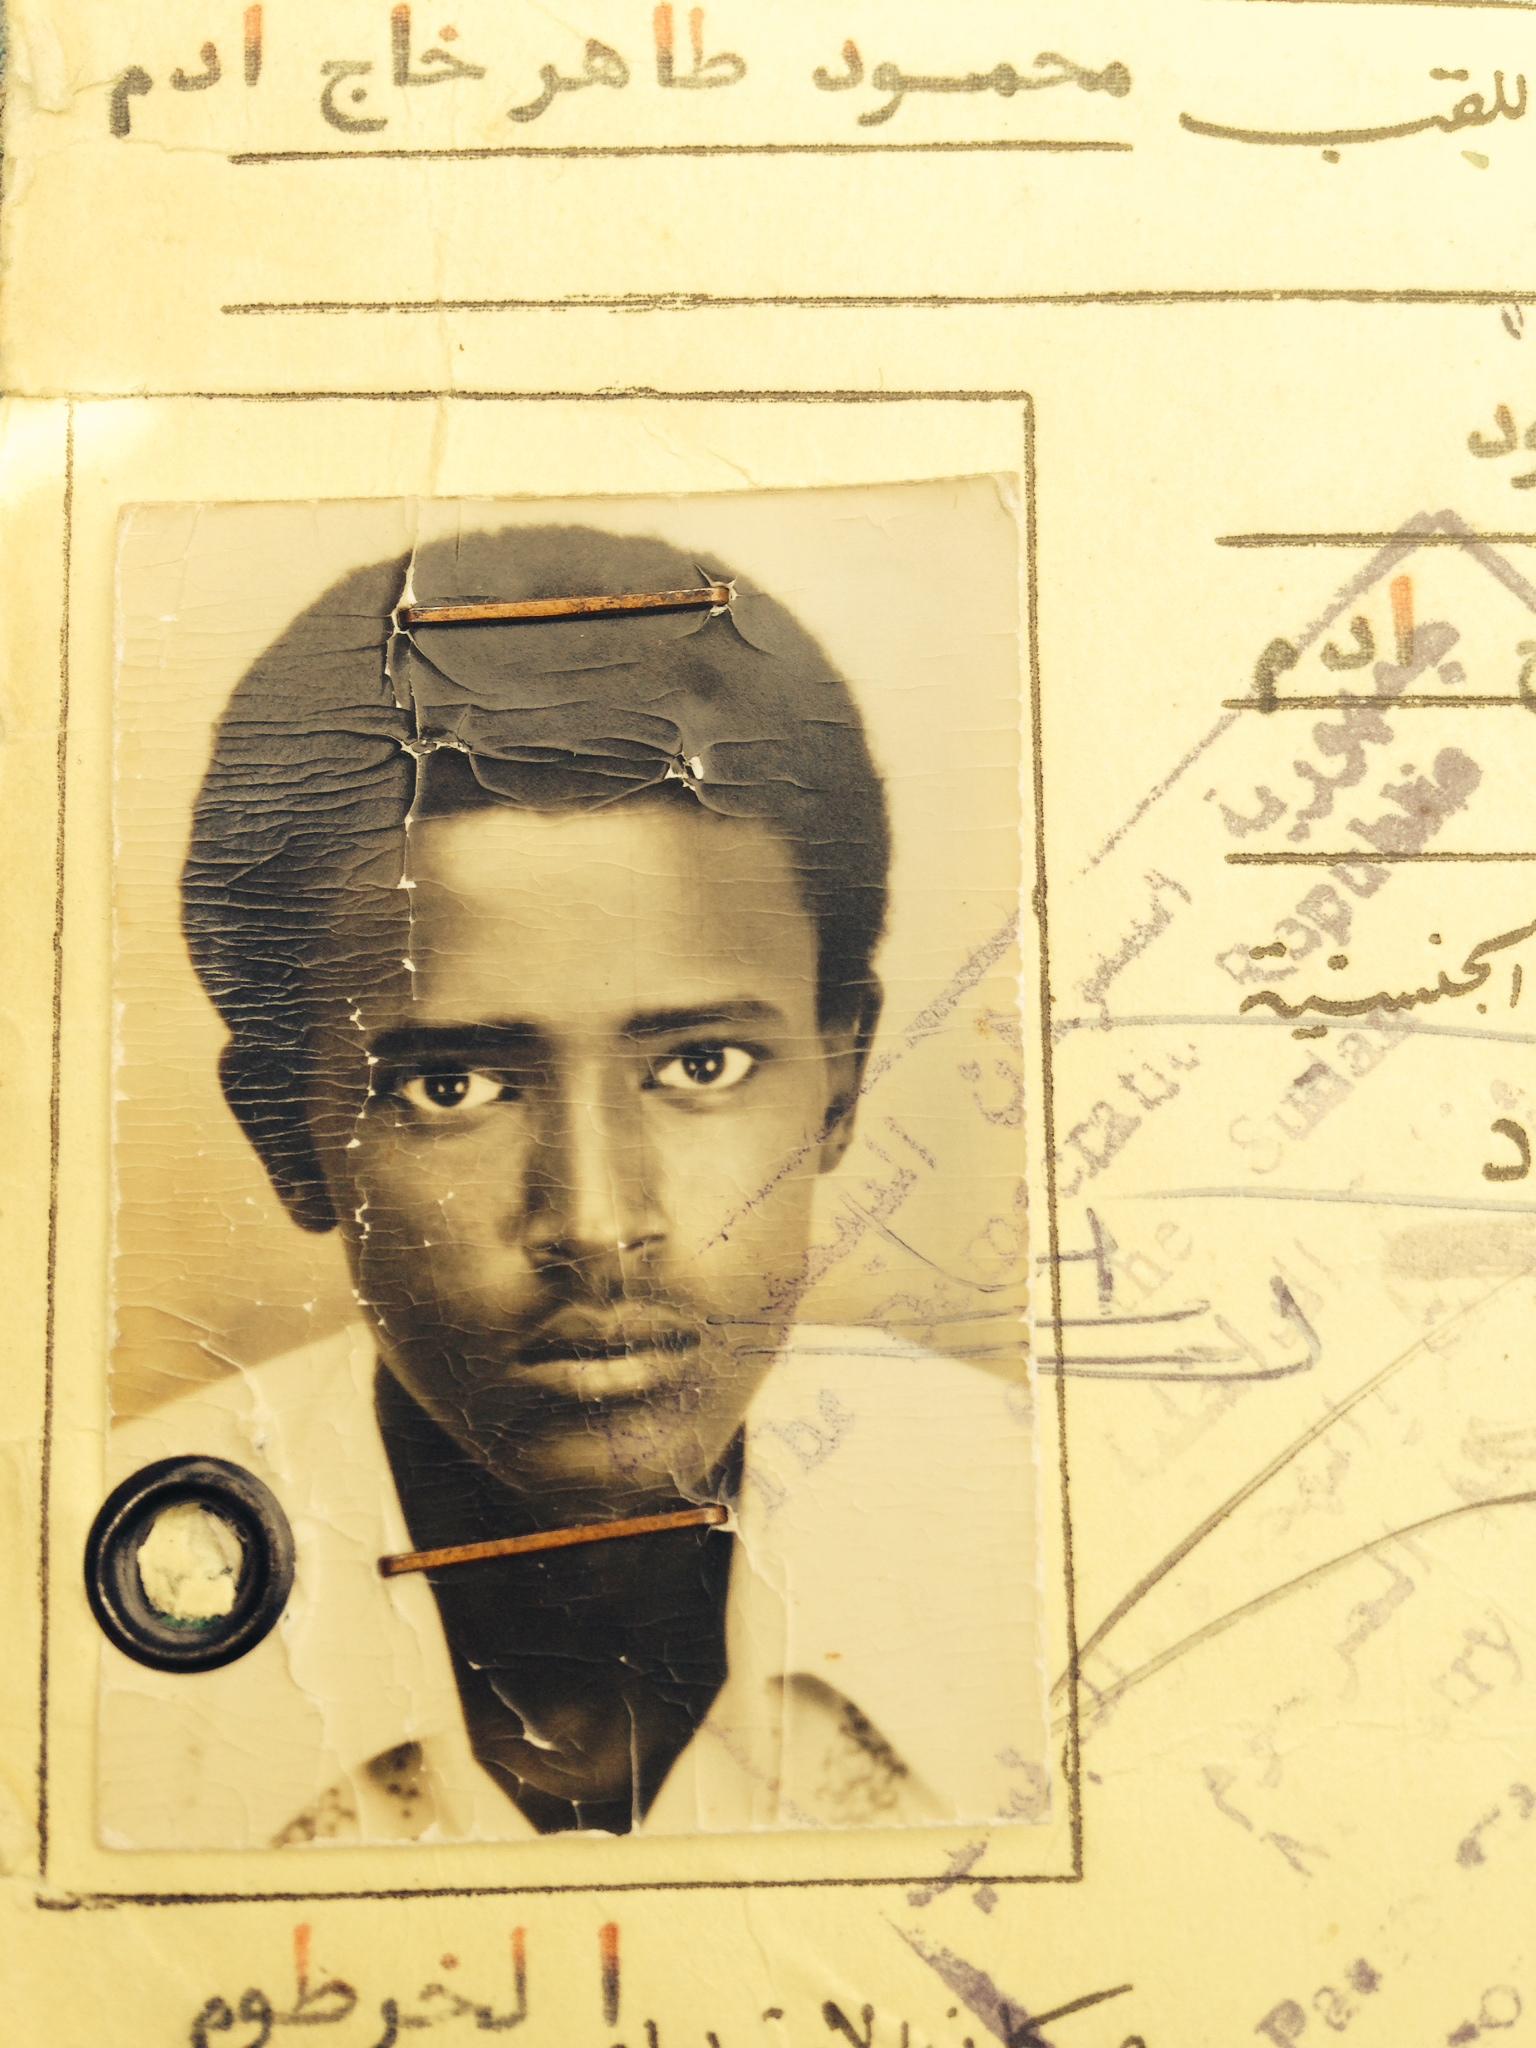 Mahmoud Tahir Haj Adam circa 1973